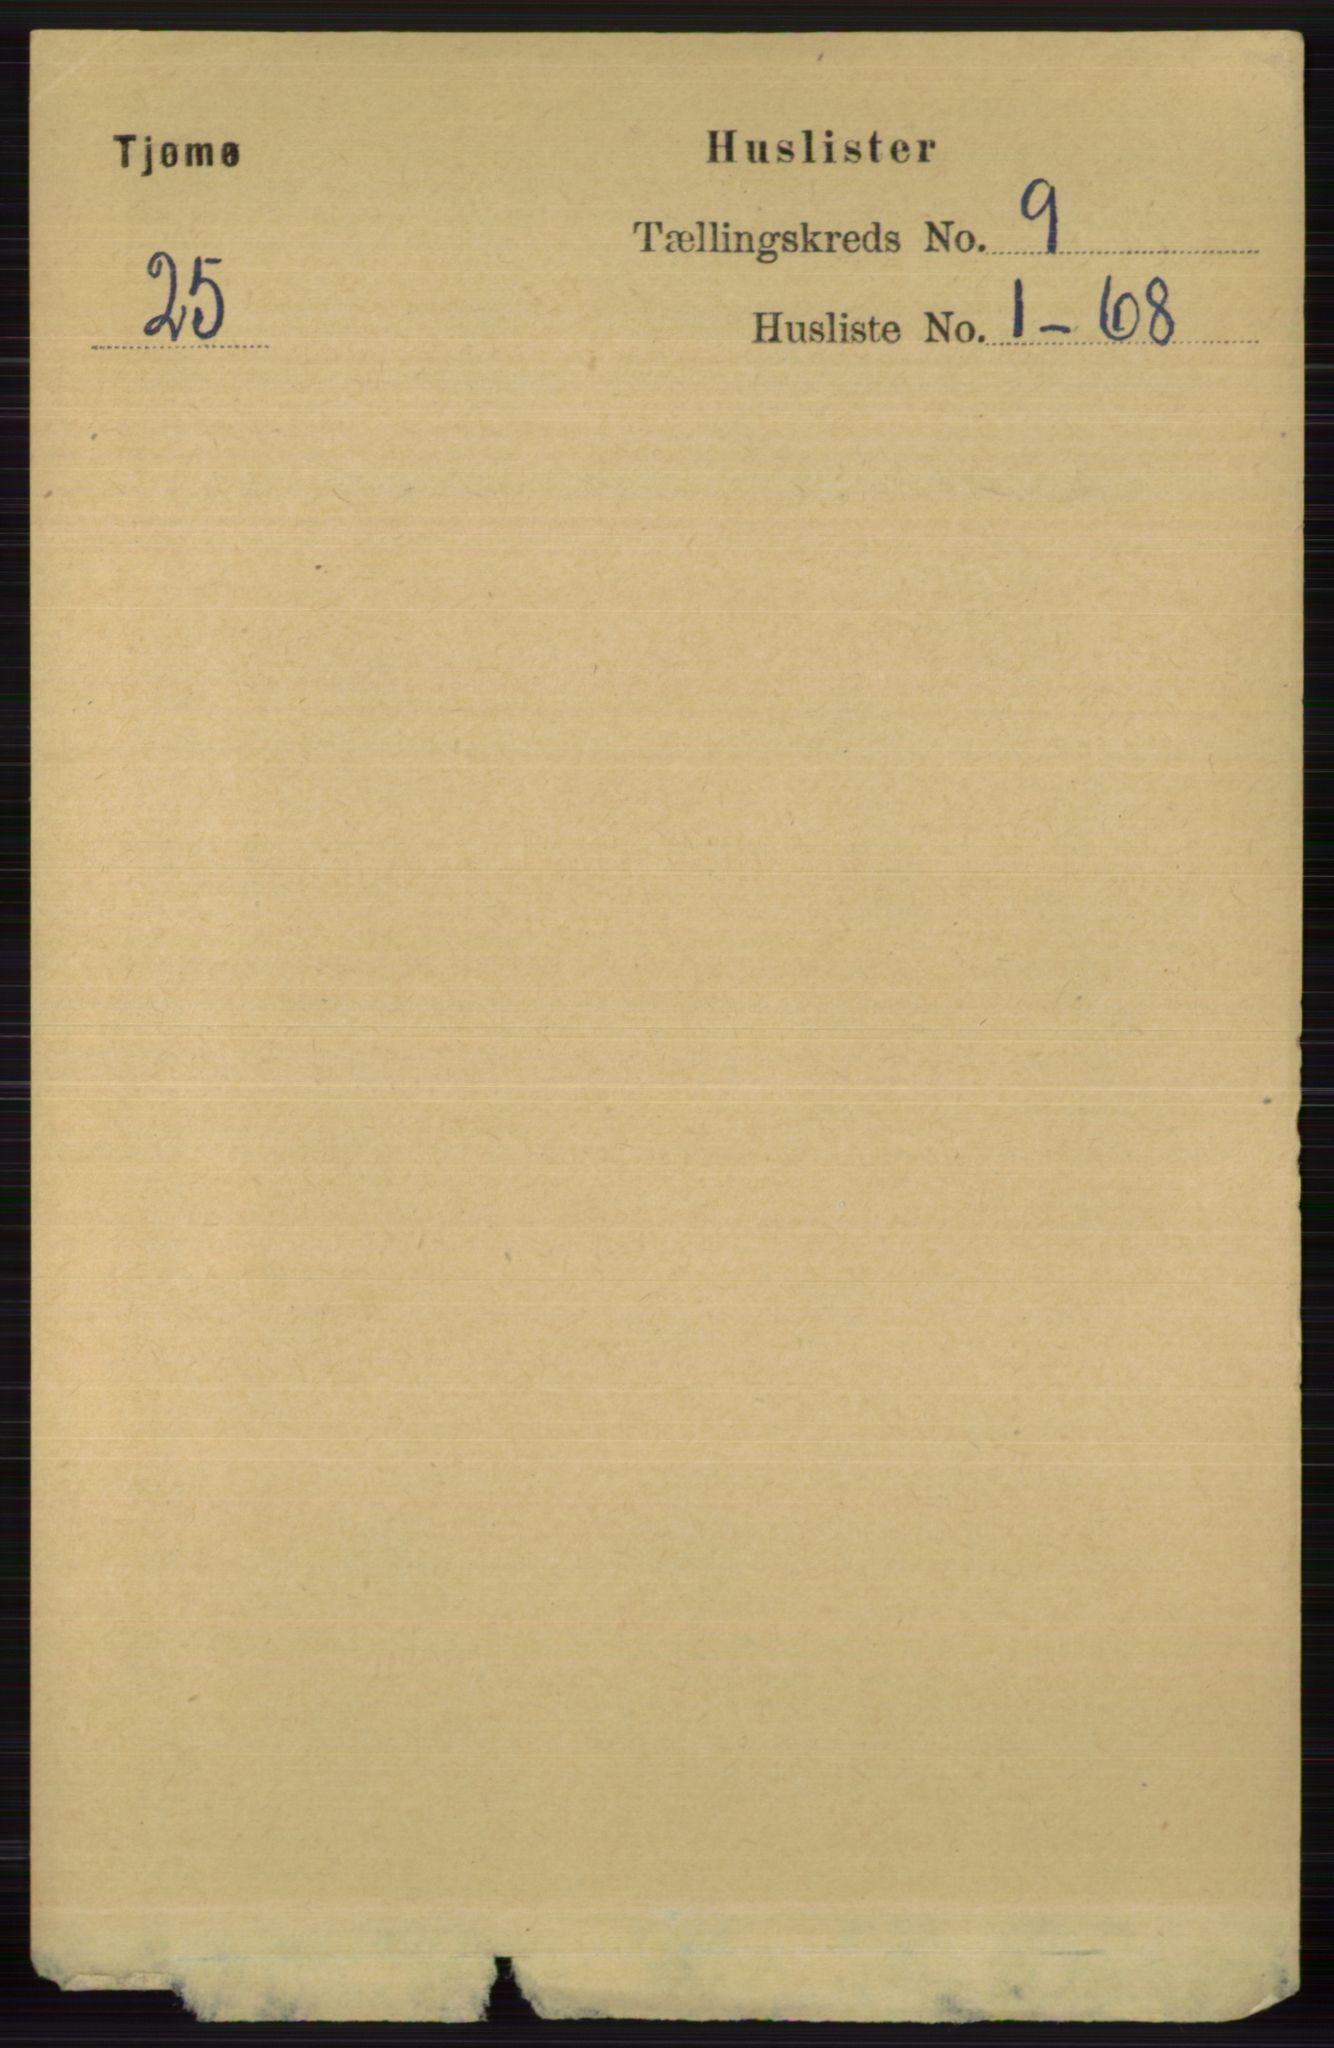 RA, Folketelling 1891 for 0723 Tjøme herred, 1891, s. 3189